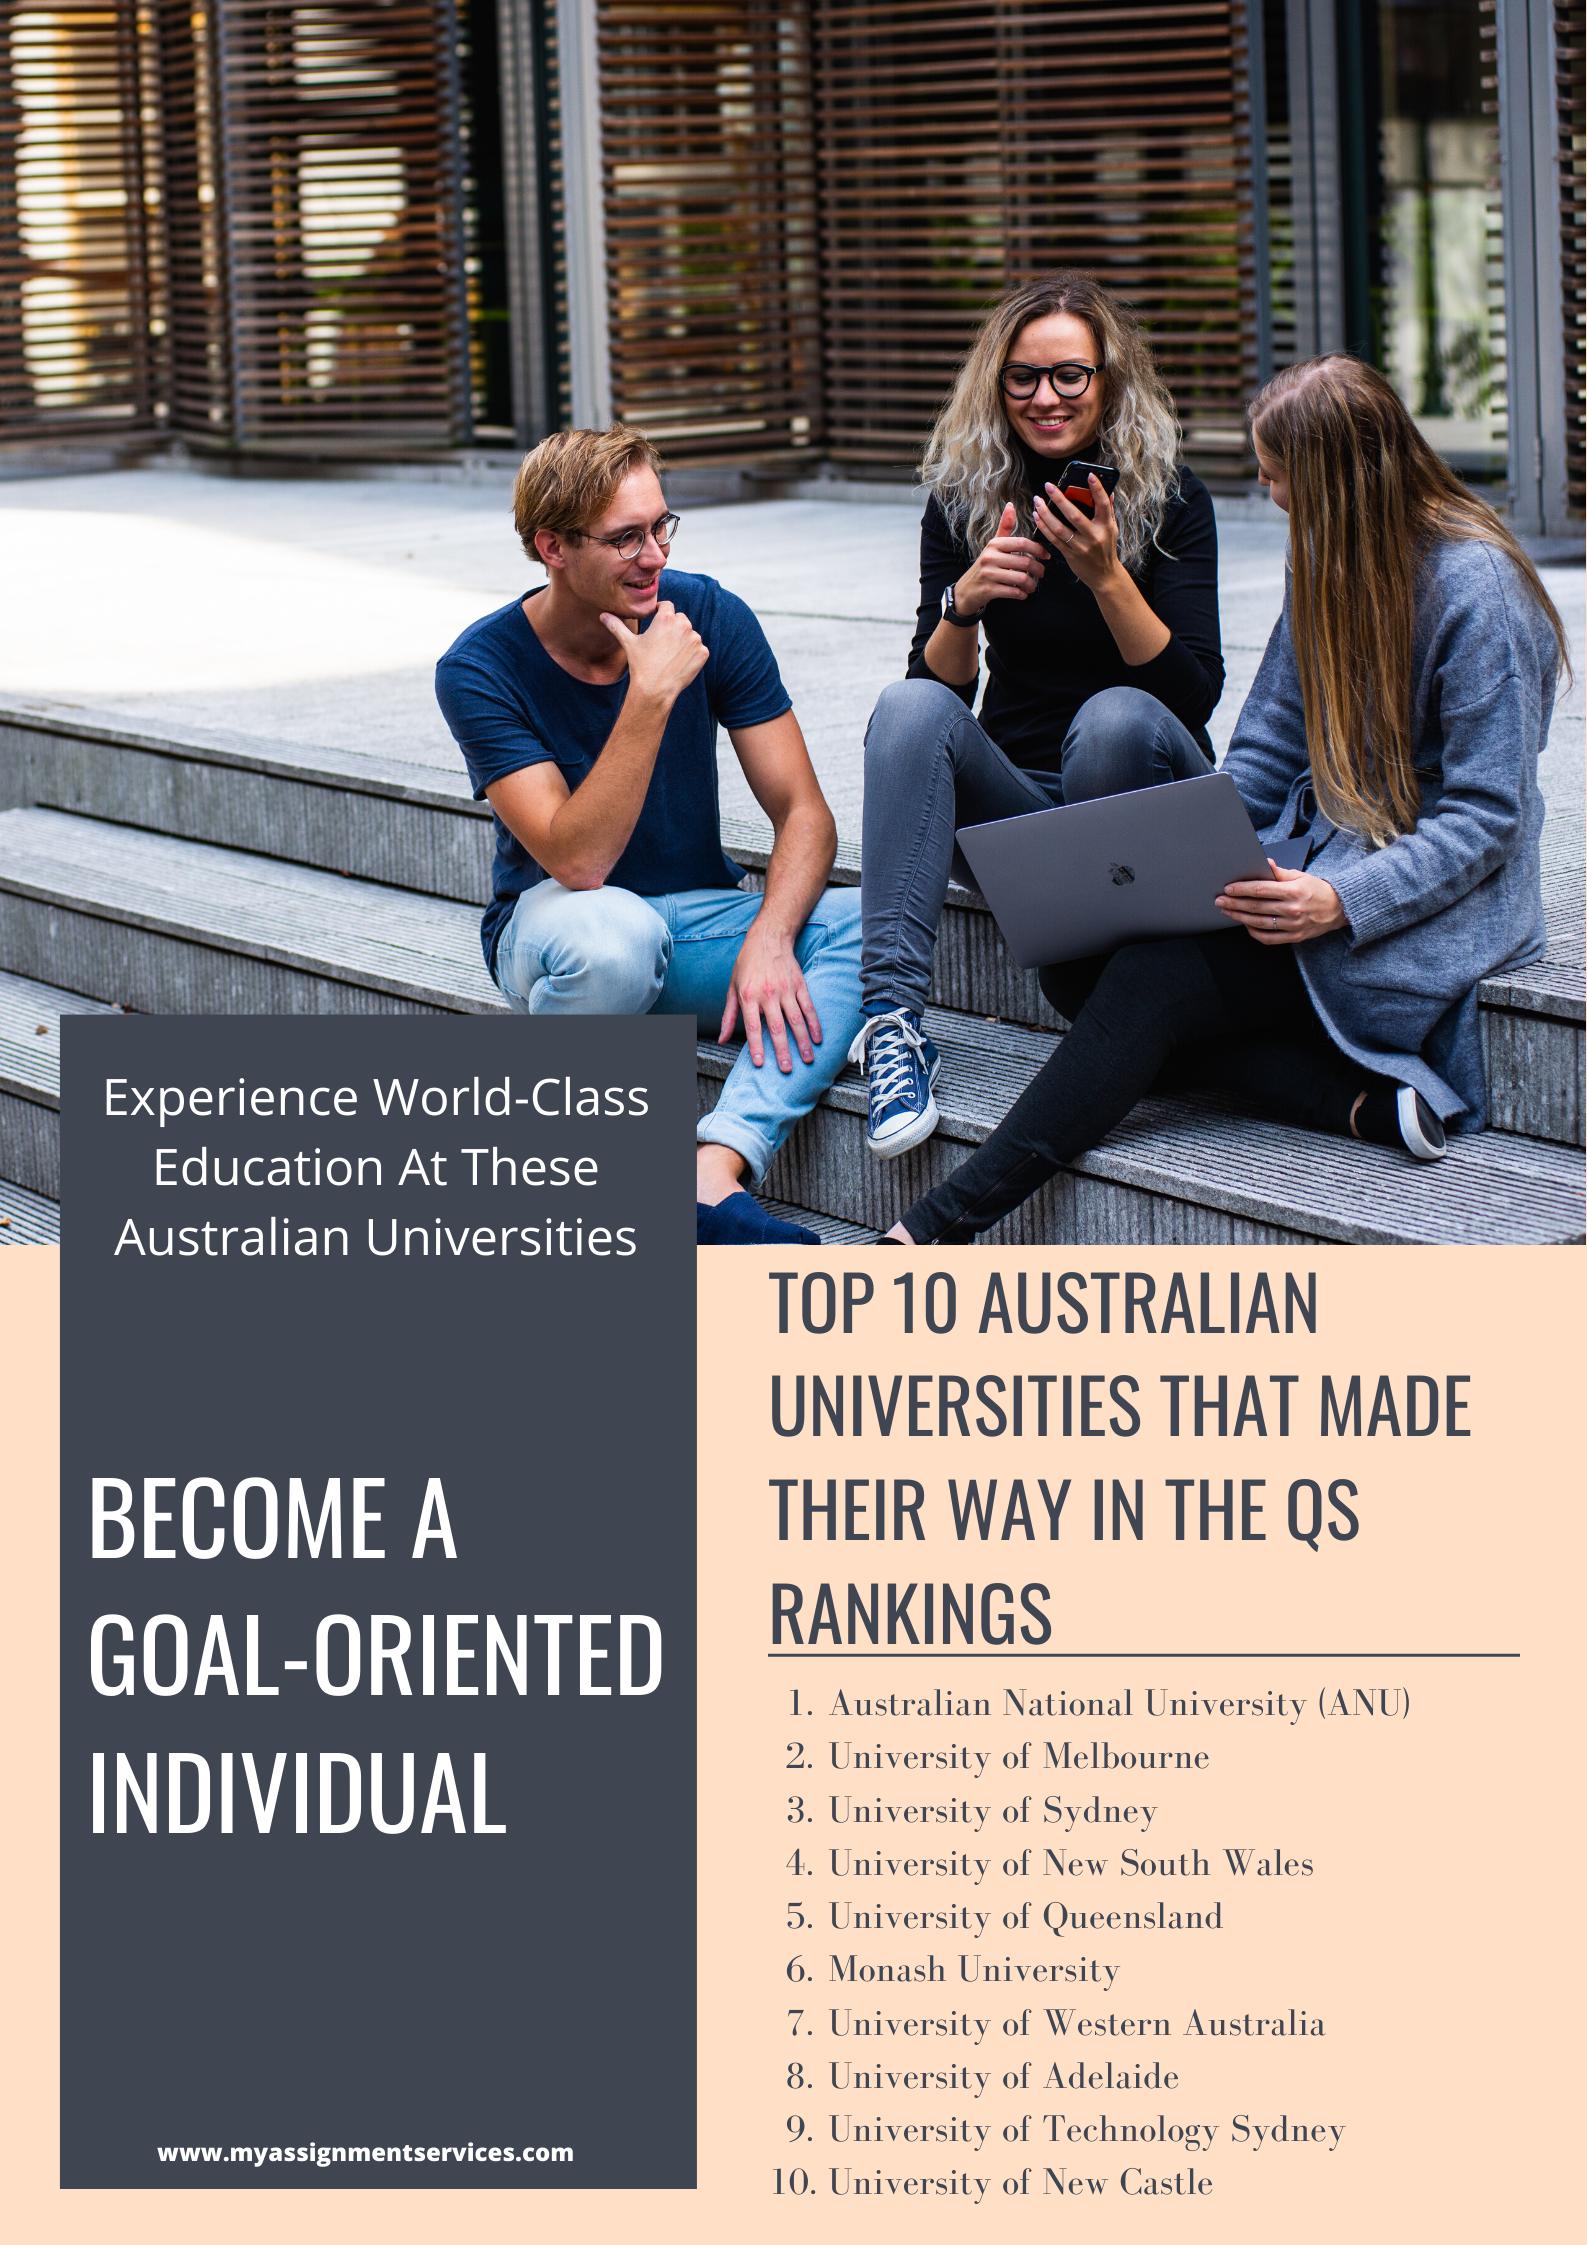 10 top australian universities